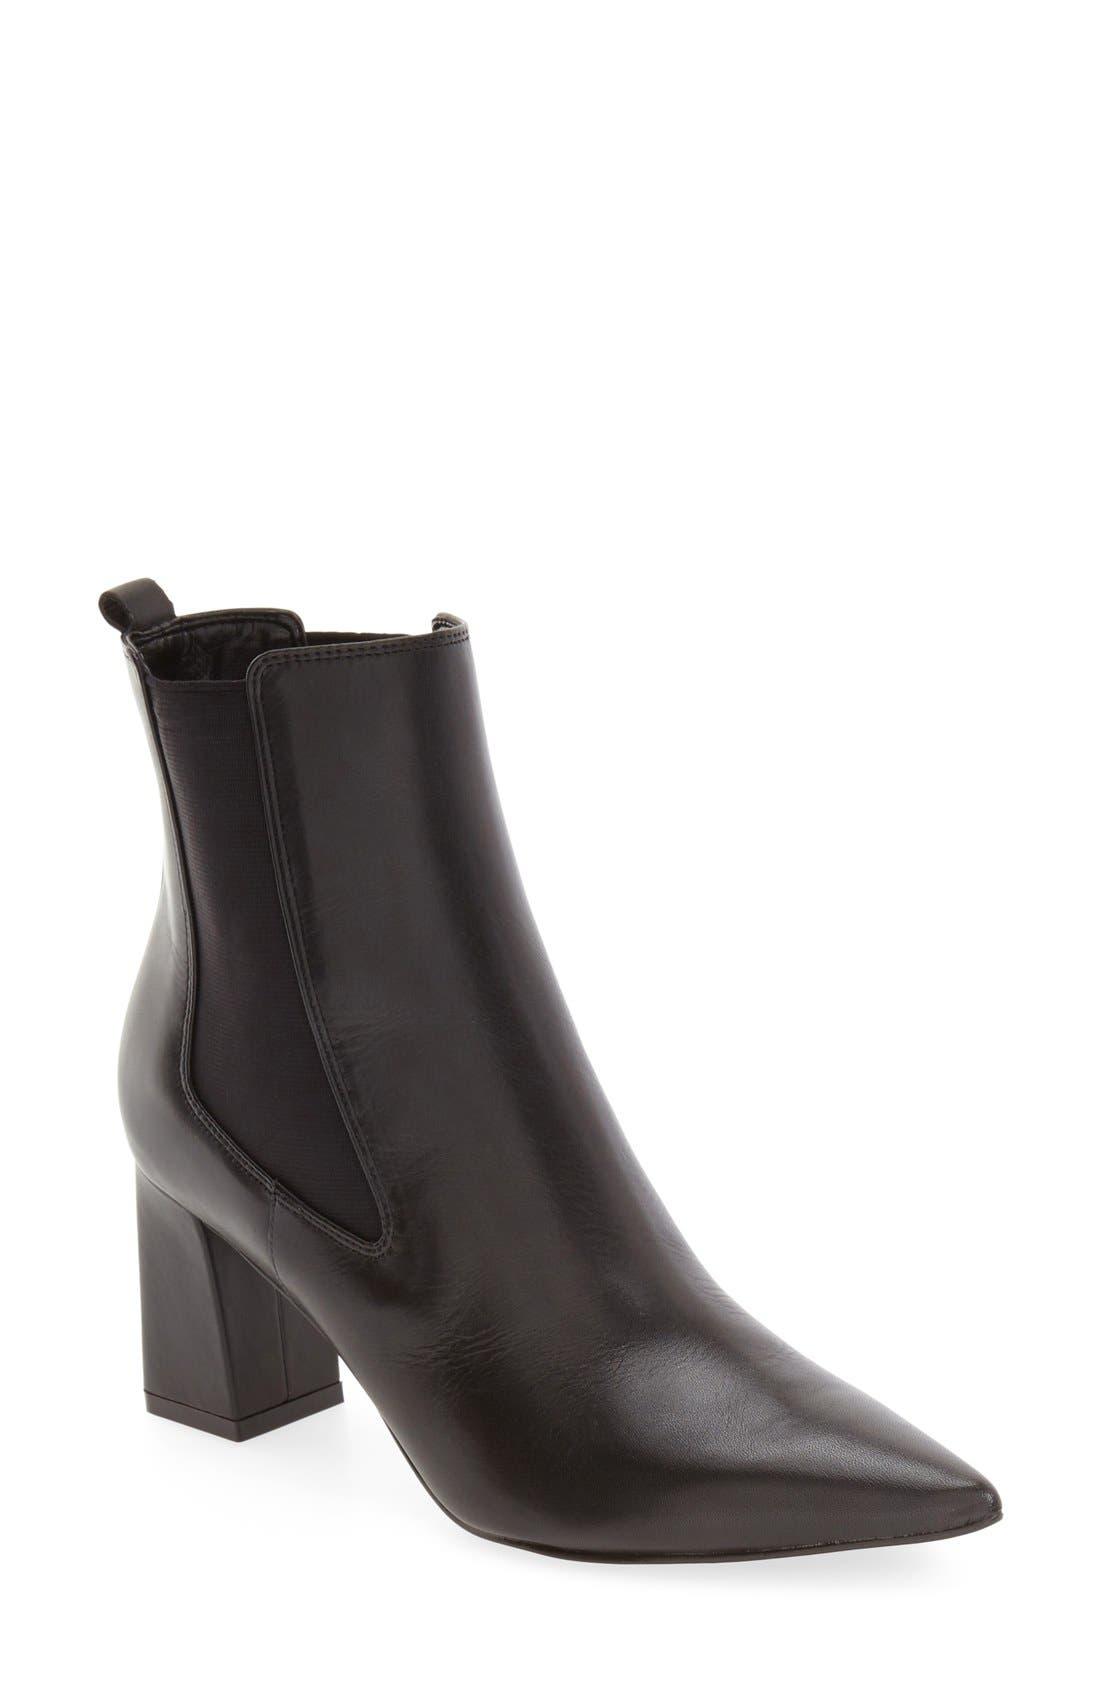 MARC FISHER LTD 'Zanna' Chelsea Boot, Main, color, 001